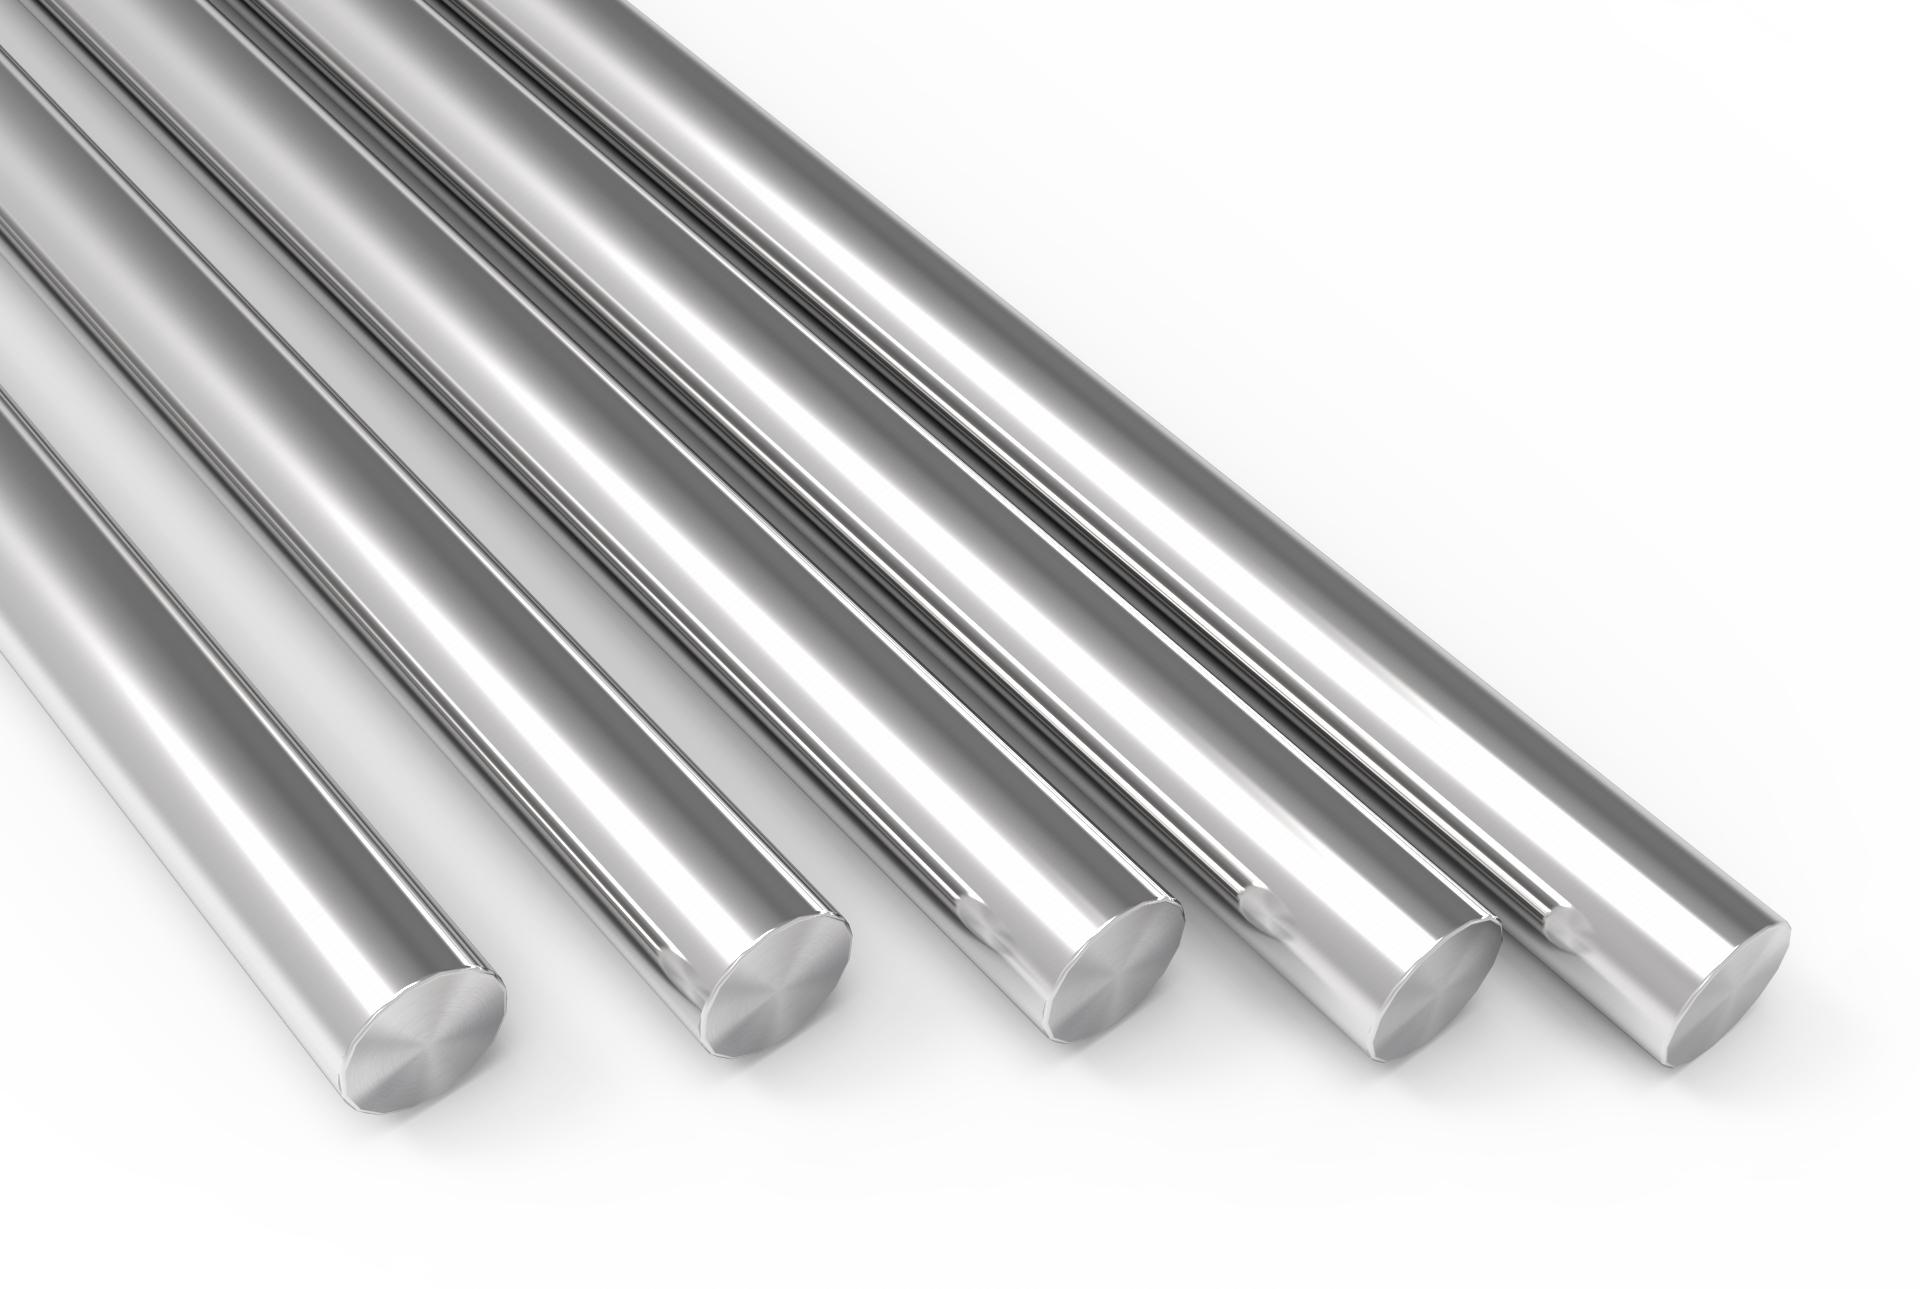 lanthanated molybdenum rod